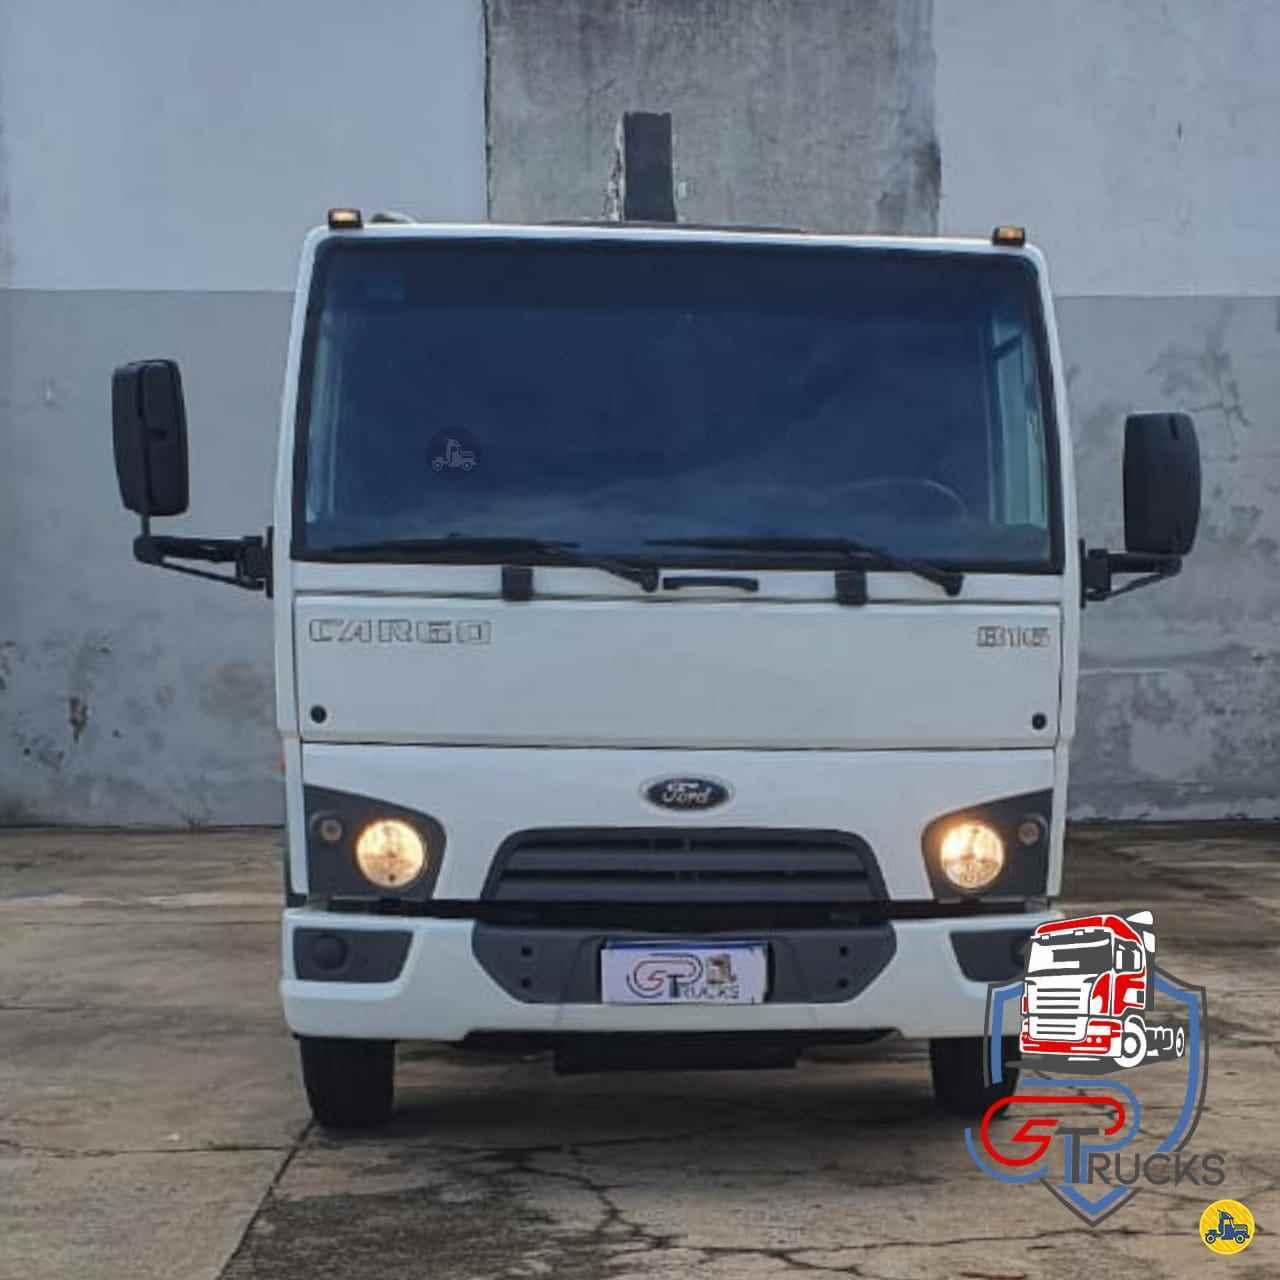 CAMINHAO FORD CARGO 816 Espargidor 3/4 4x2 GP Trucks PIRACICABA SÃO PAULO SP